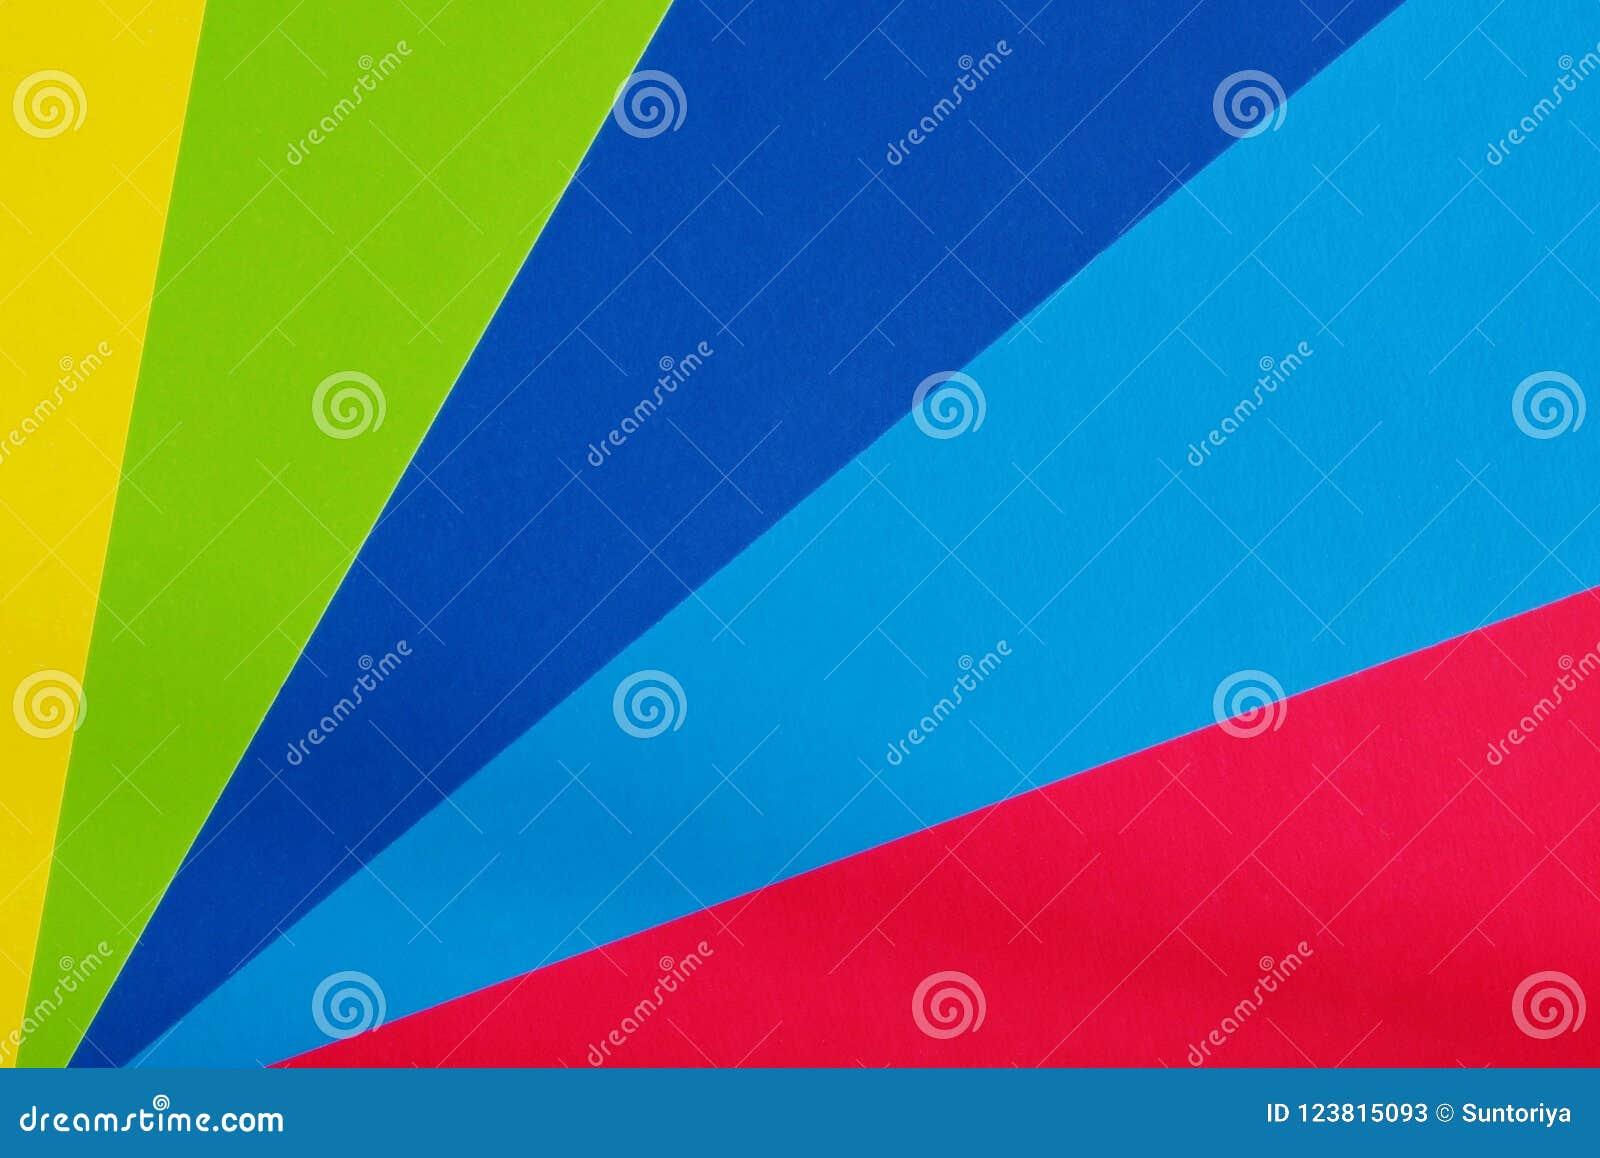 Farbpappe für Kreativität Mehrfarbiger Hintergrund Schulbedarf für Anwendungen